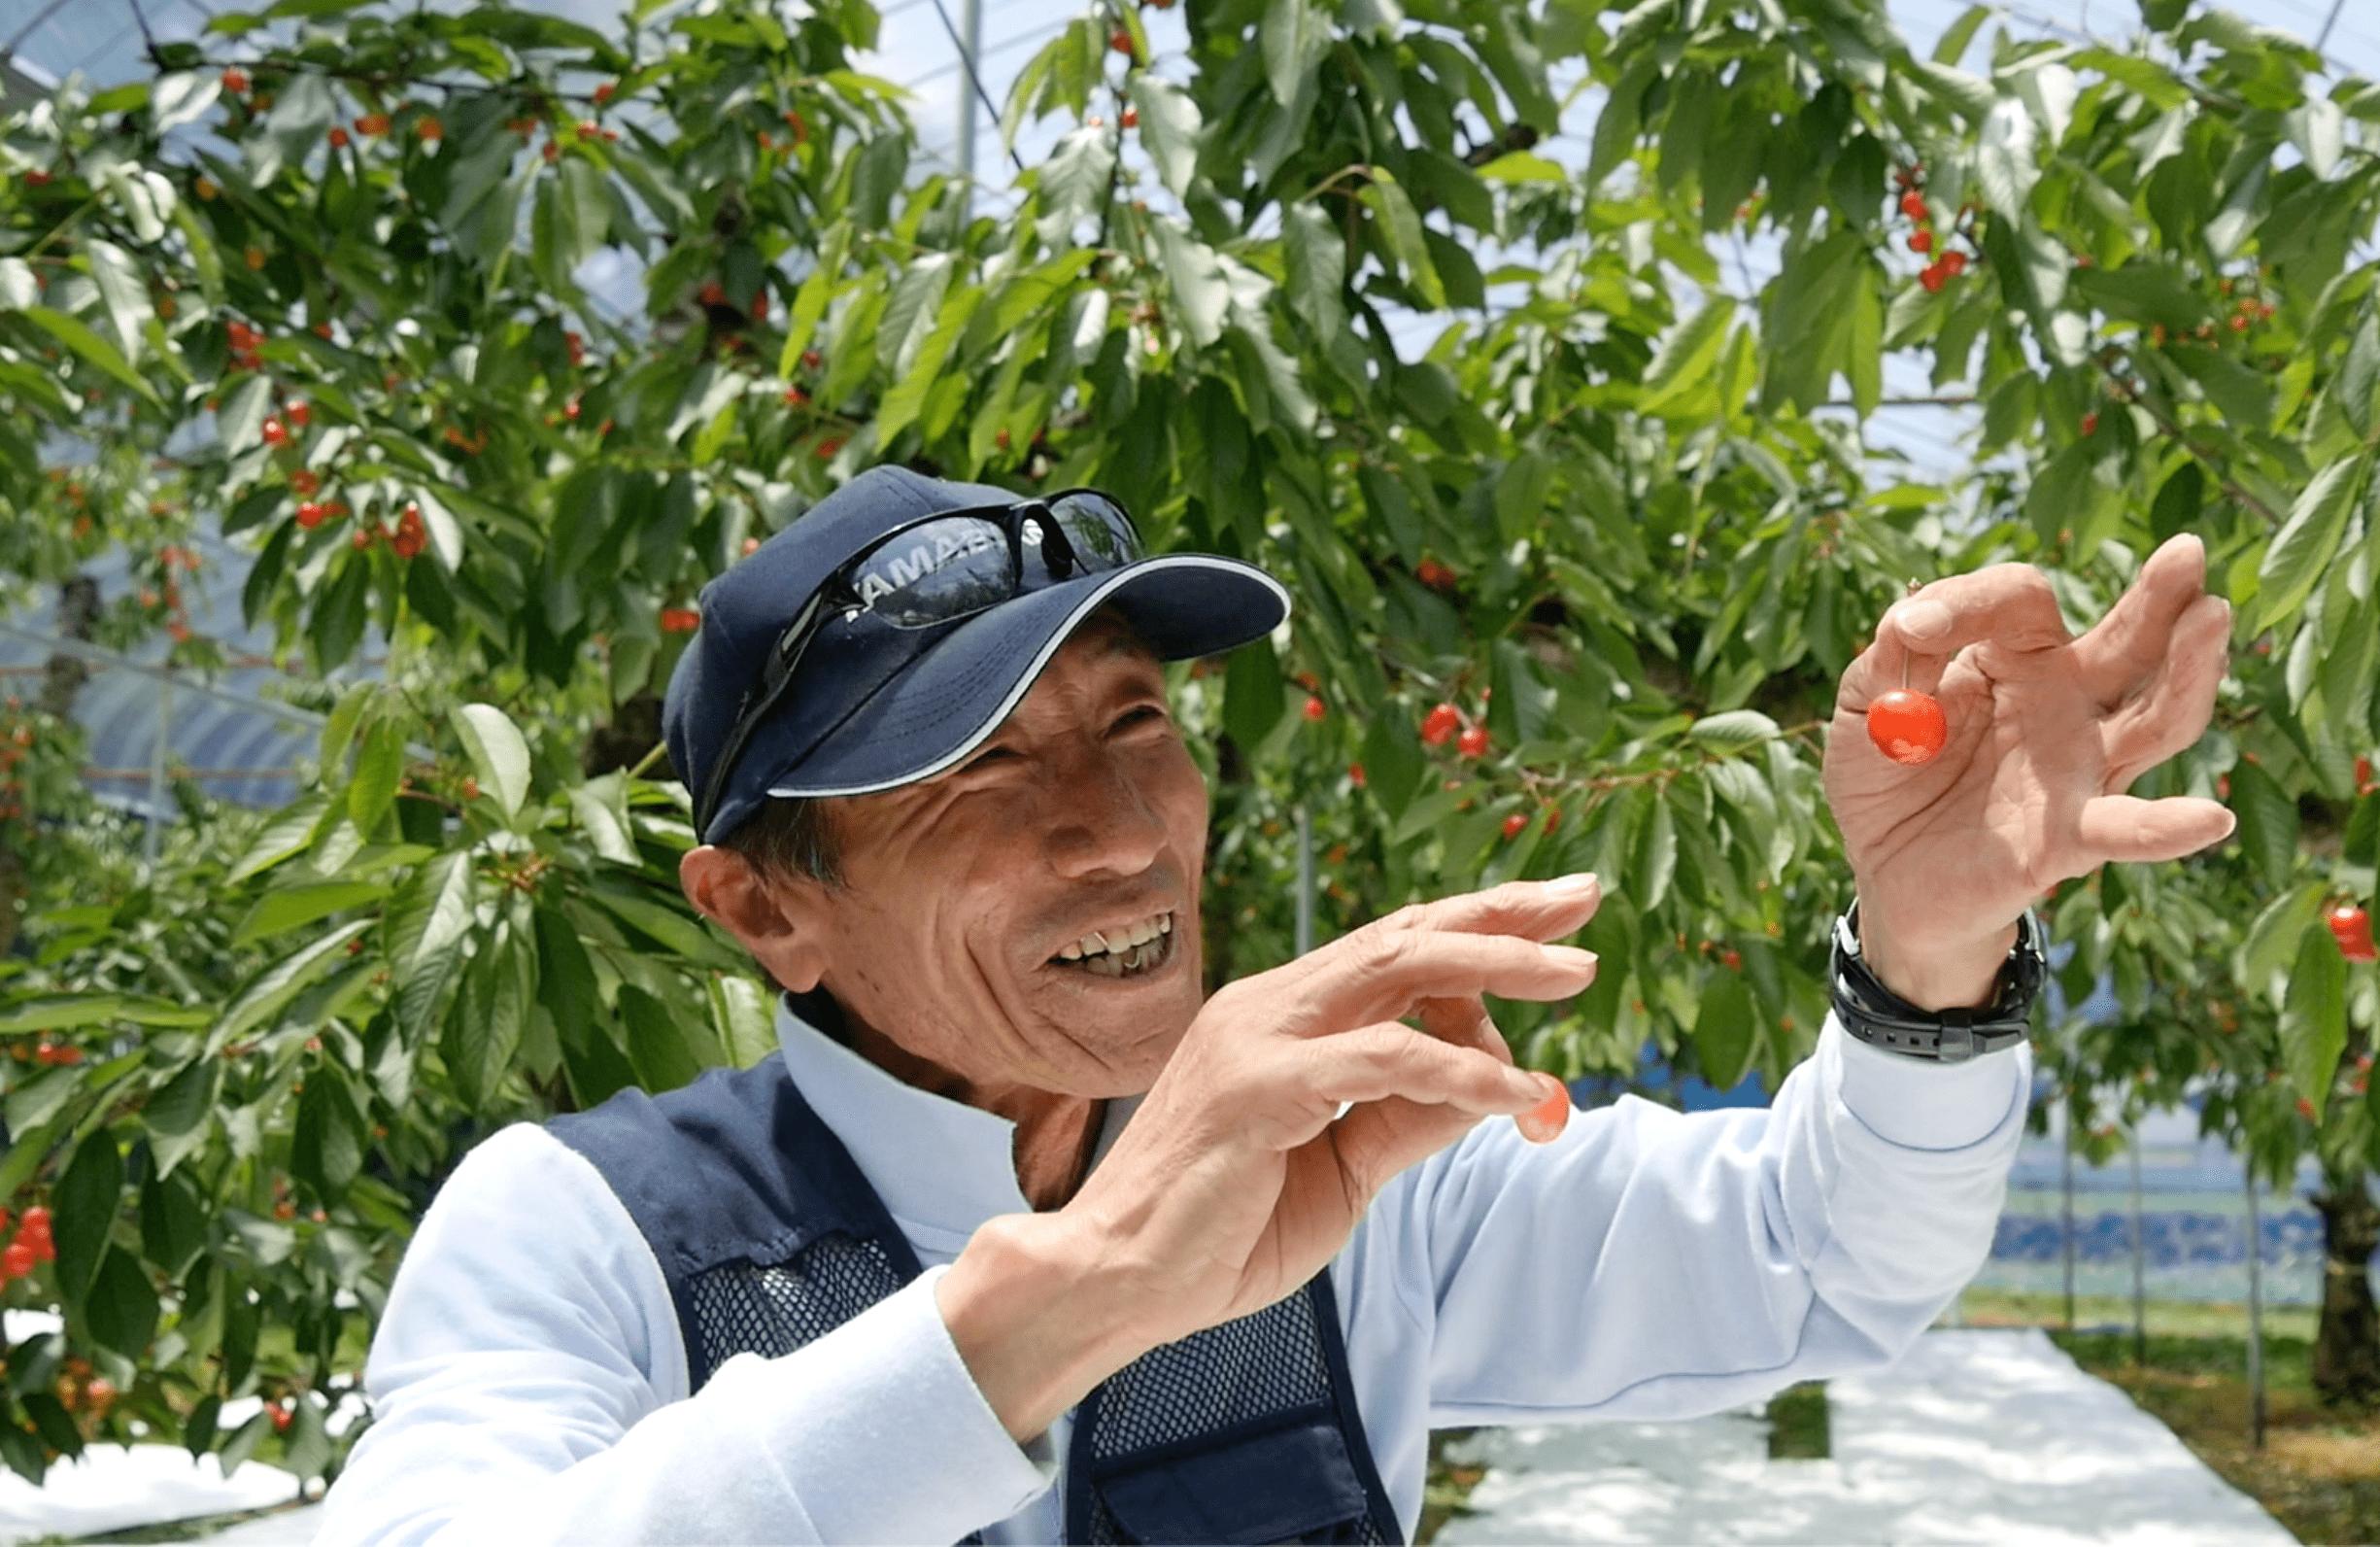 ベテラン果樹農家さん直伝!甘くて美味しいさくらんぼの見つけ方